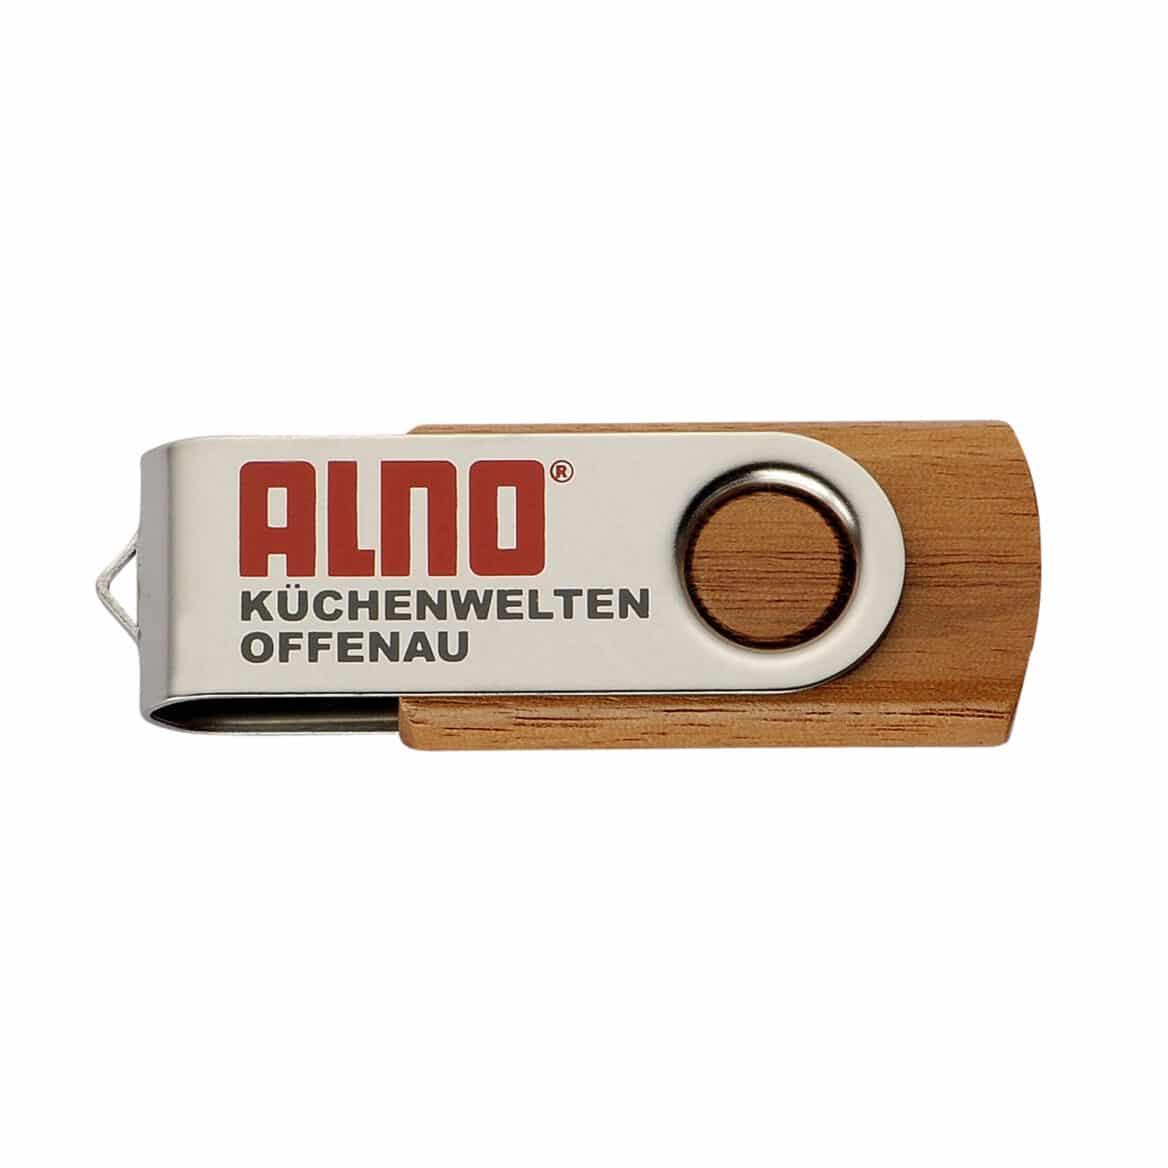 Chiavetta personalizzata logo Alno